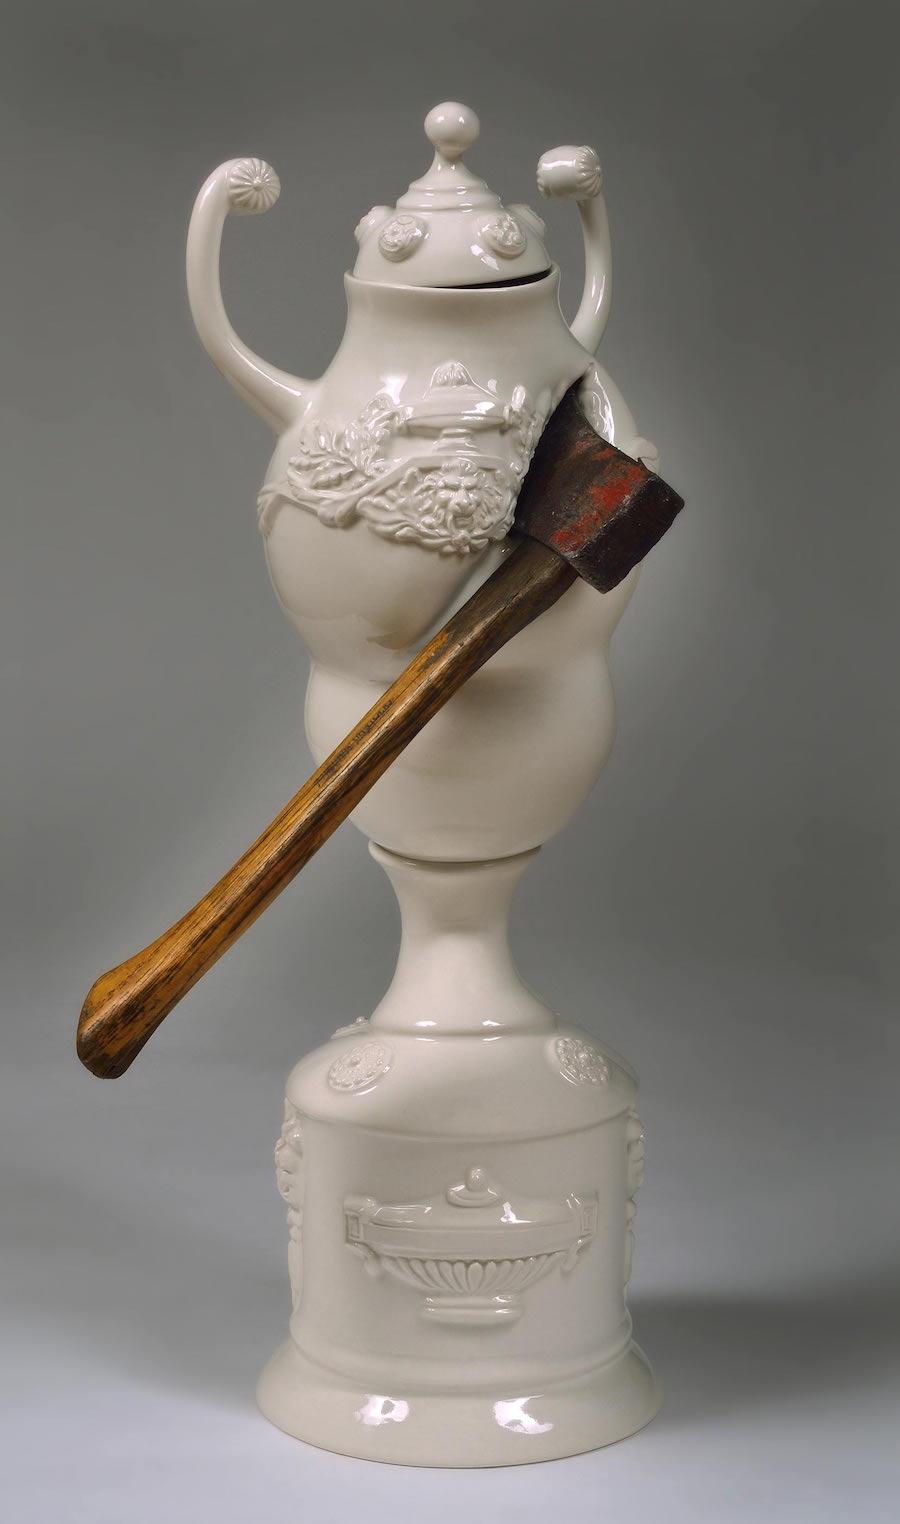 scultura-vasi-porcellana-incidenti-bizzarri-laurent-craste-10